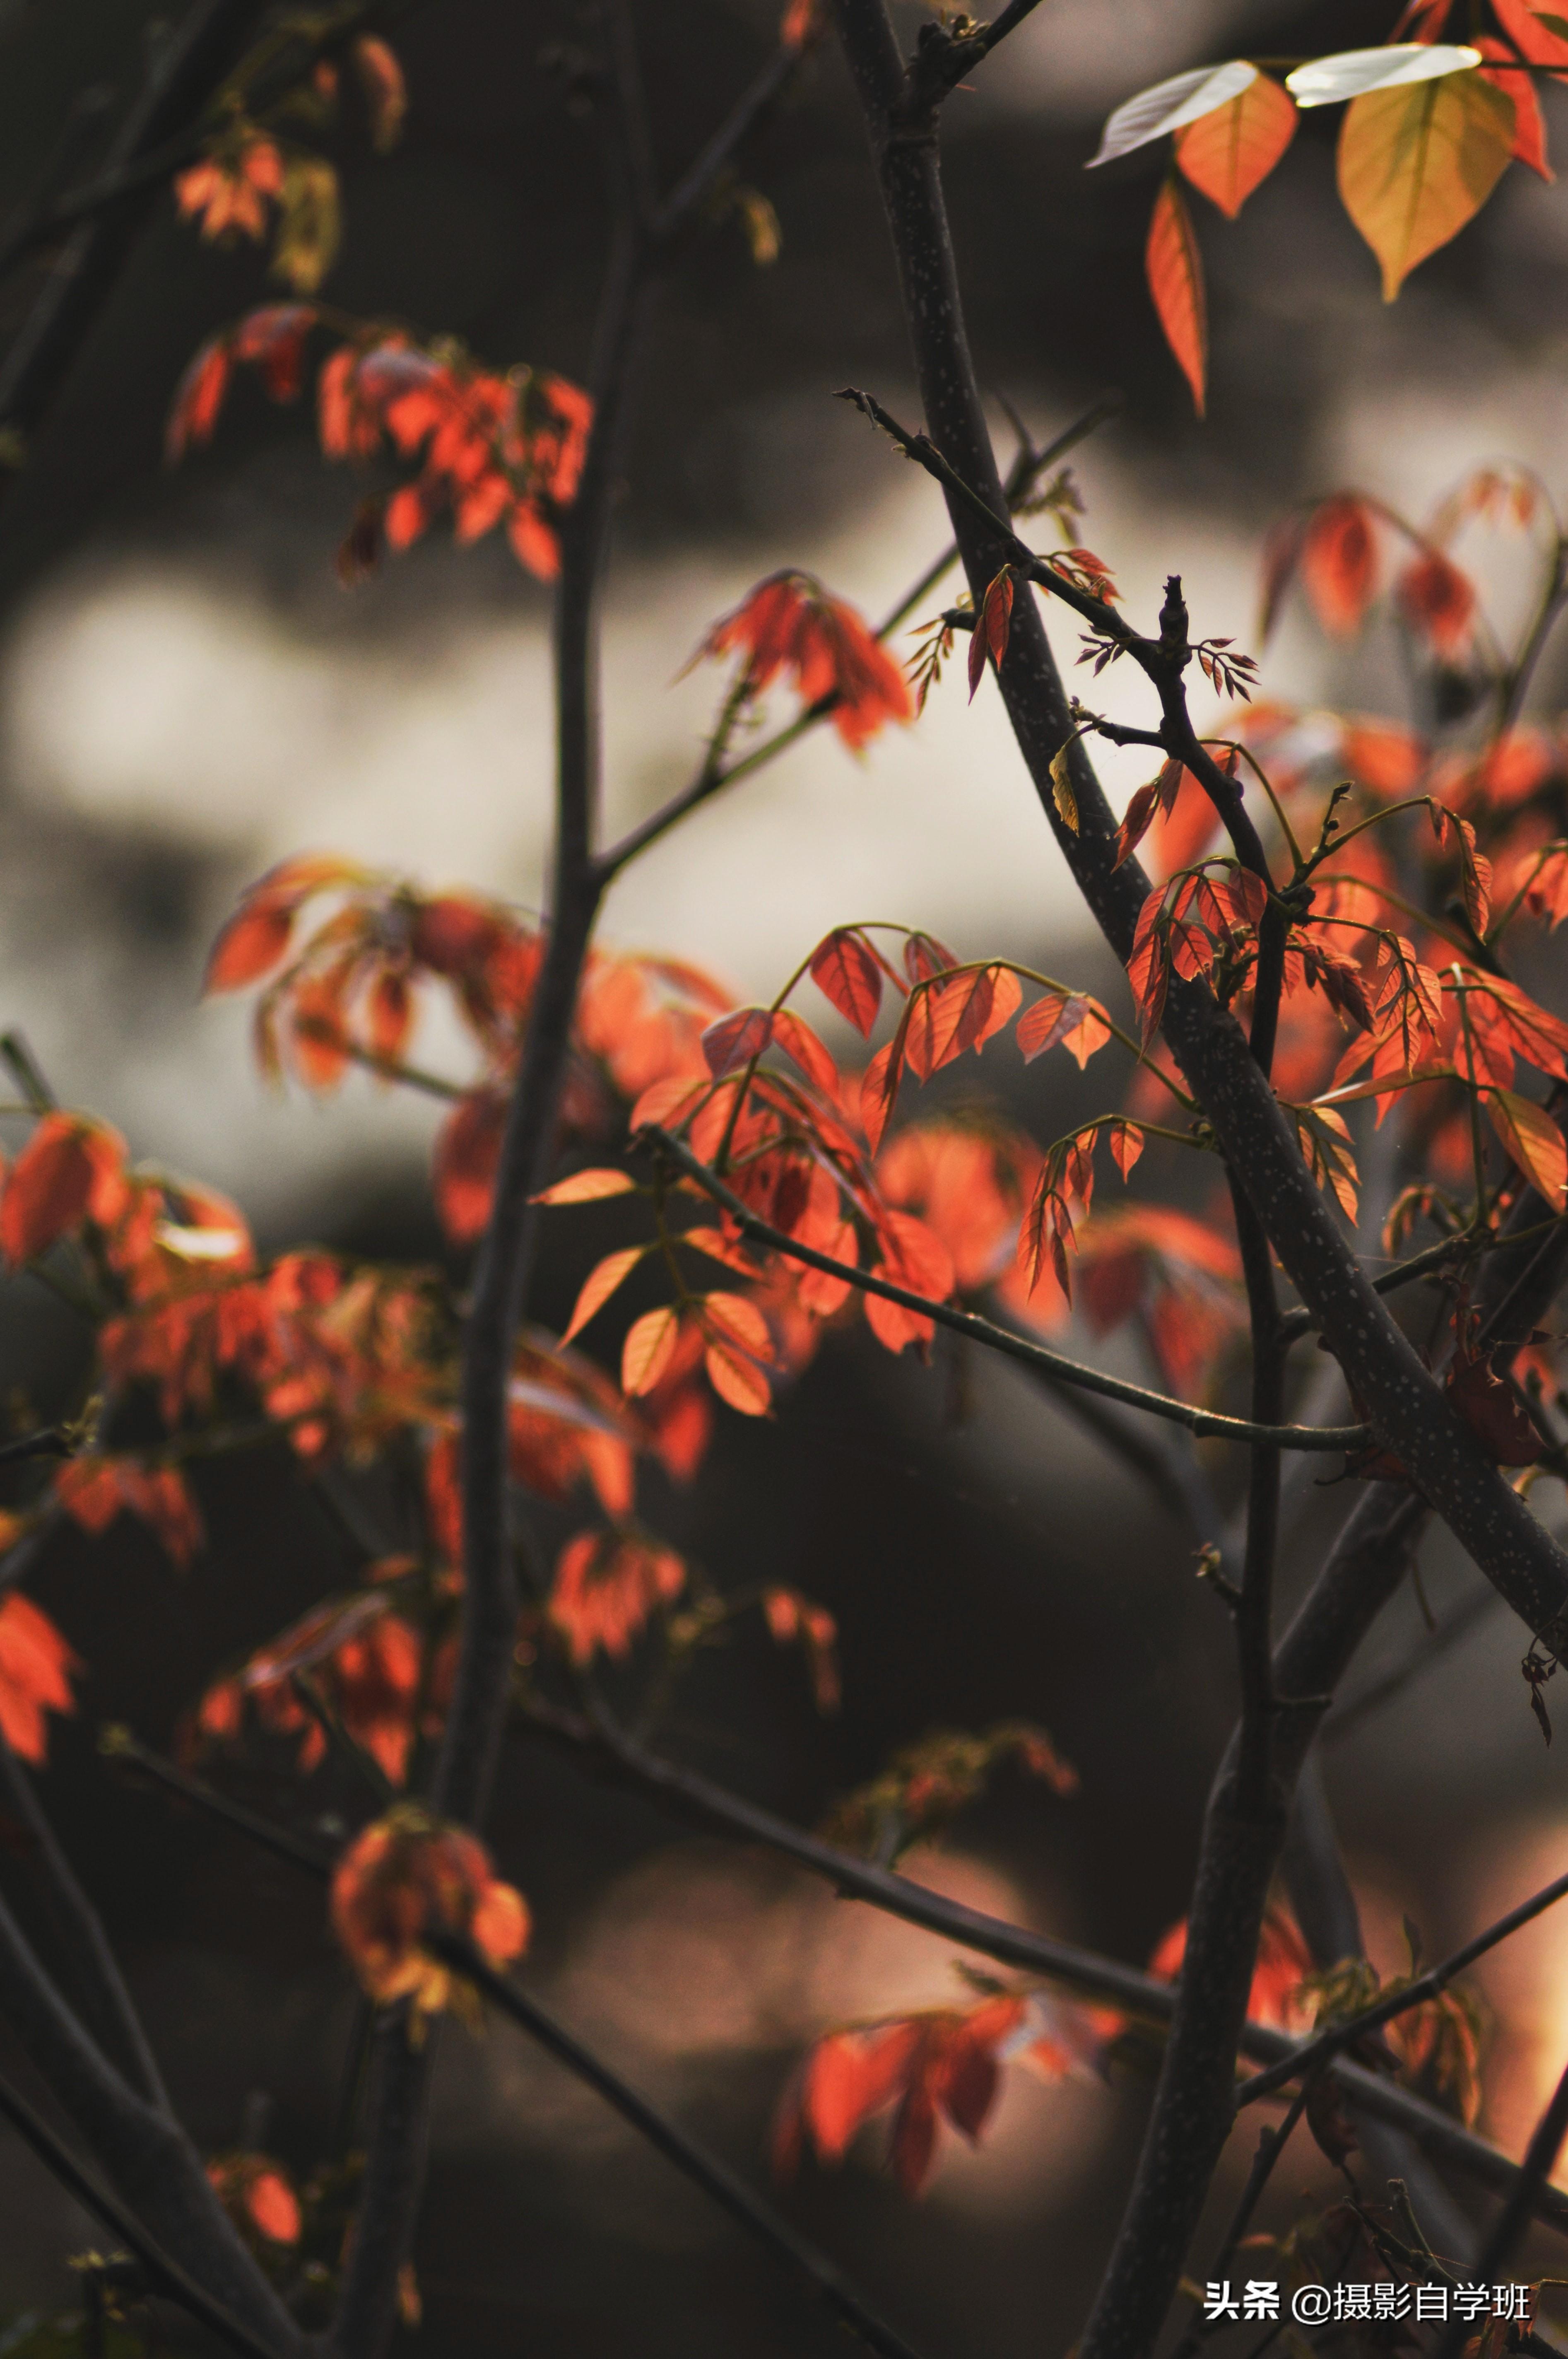 拍秋天10大技巧,对比讲解10大忌讳,帮你的秋天摄影照片更美